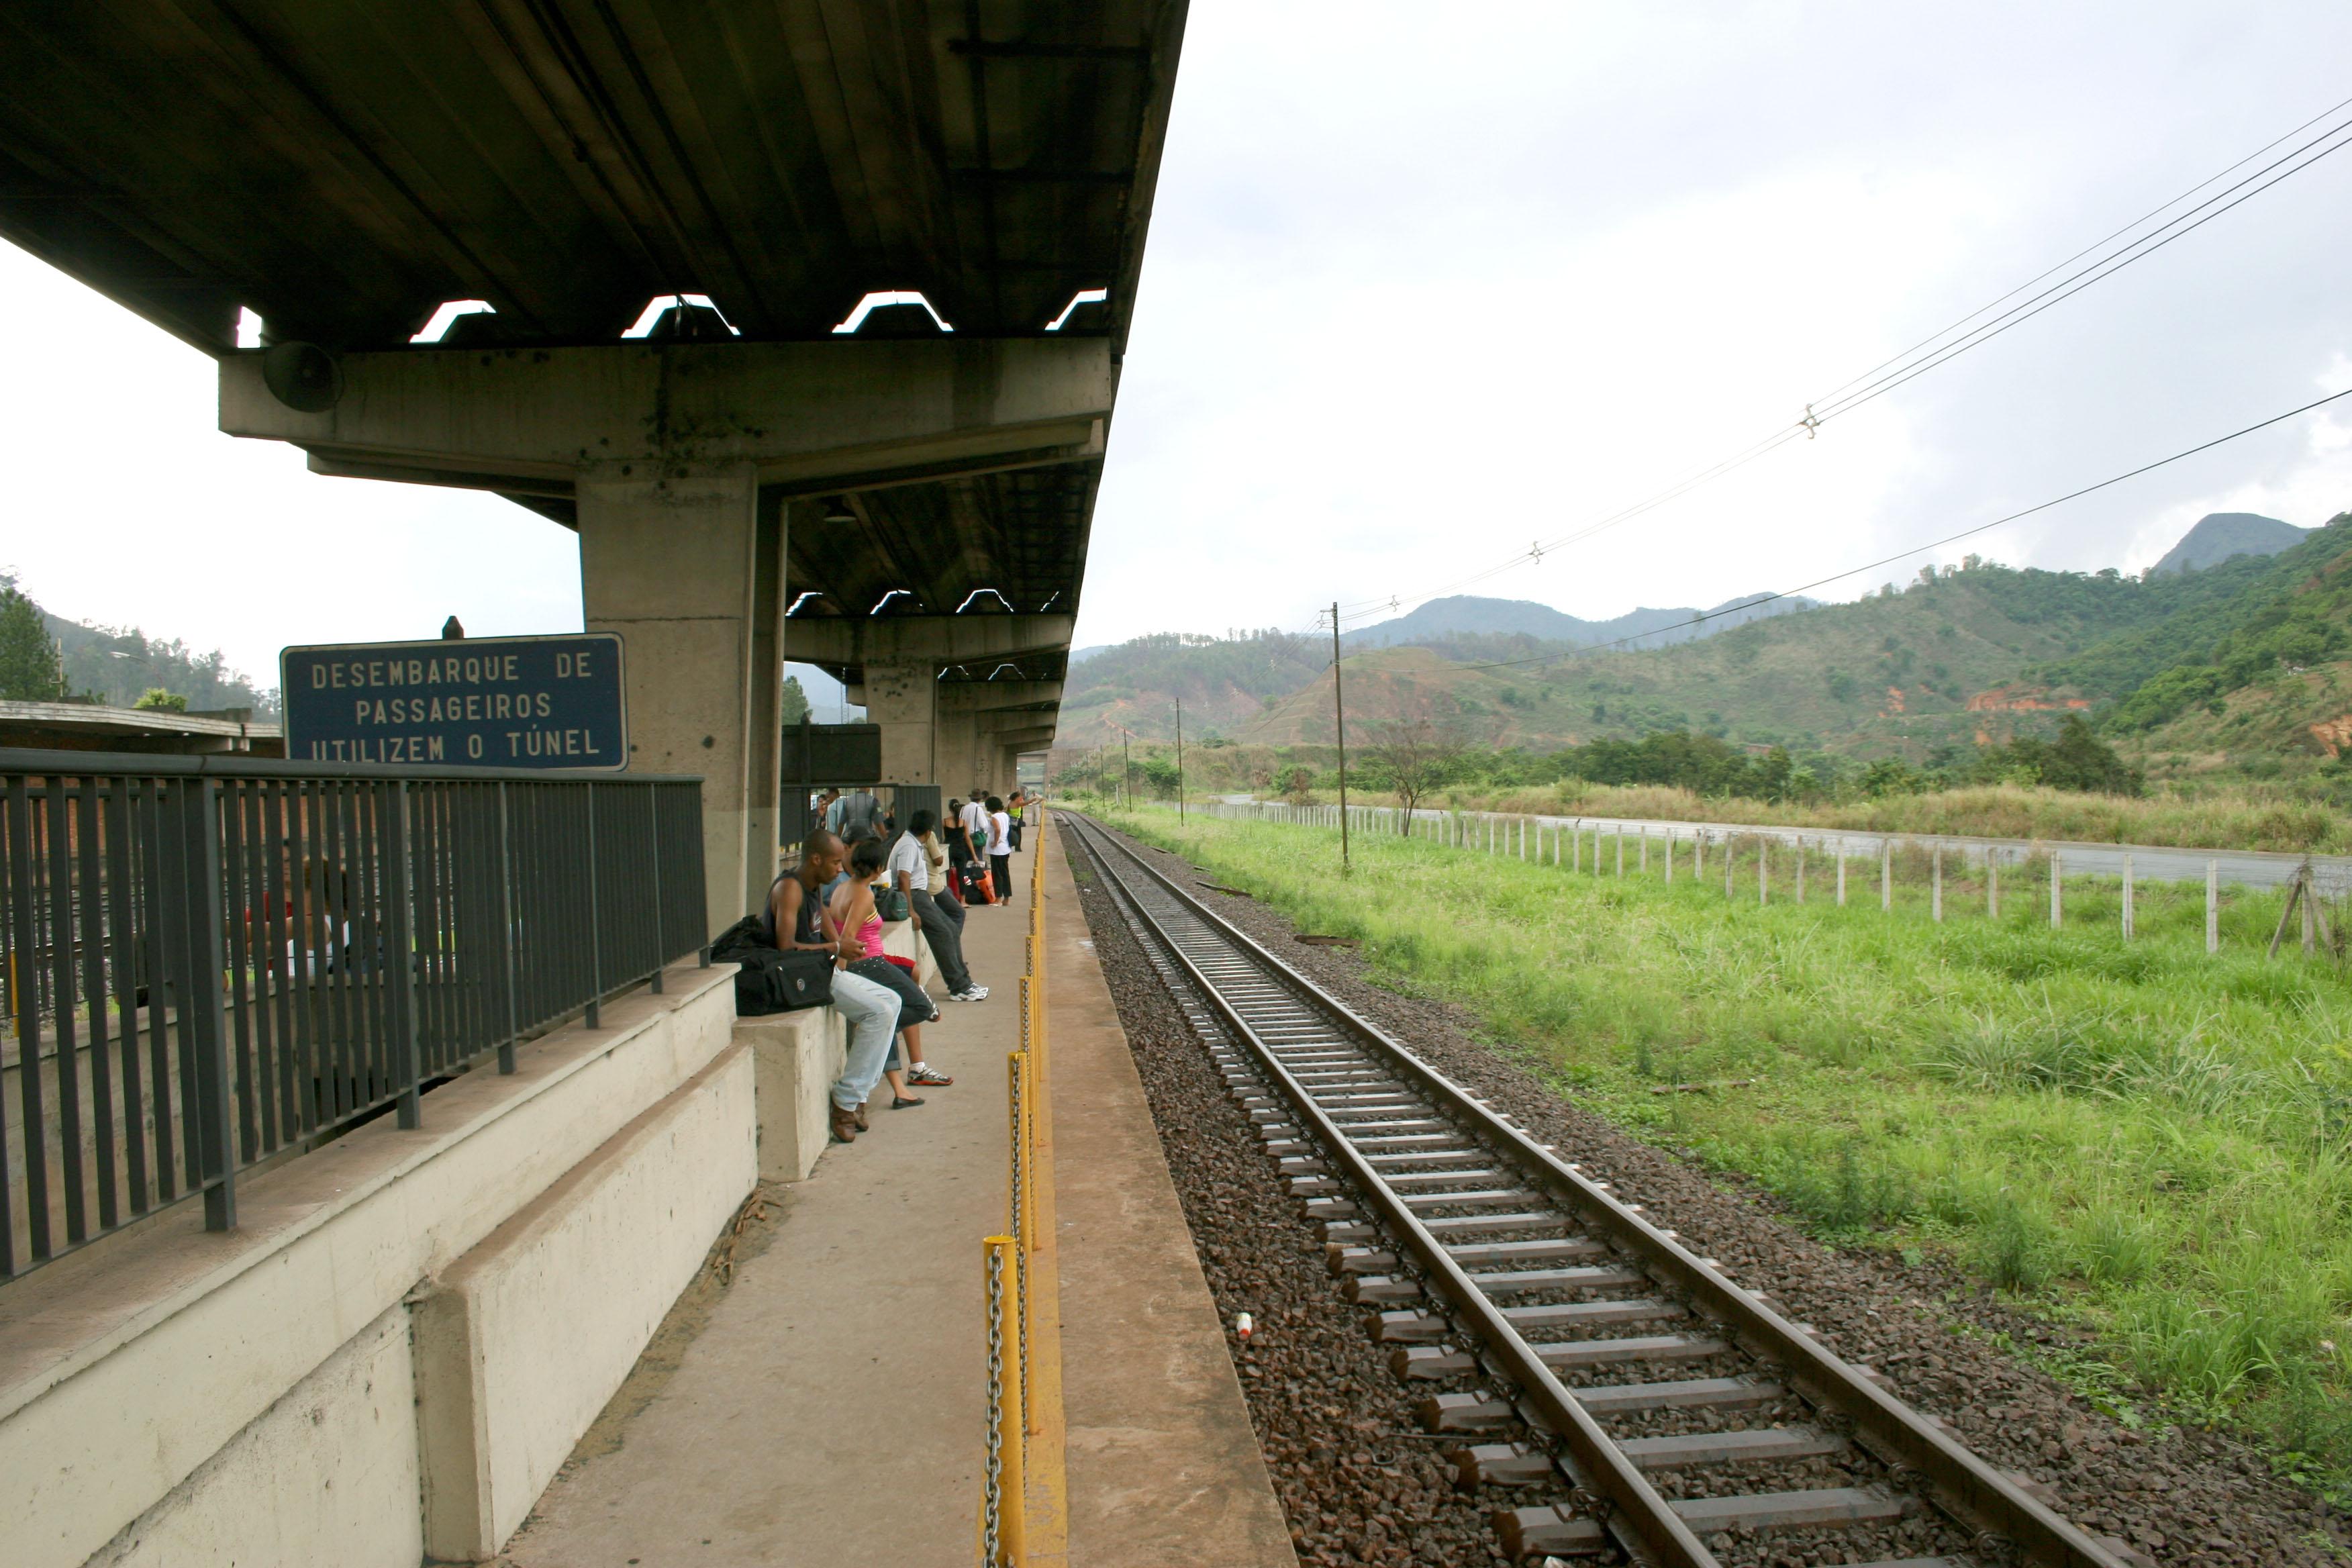 estação ferroviária Mário Carvalho em Timóteo – Coronel Fabriciano